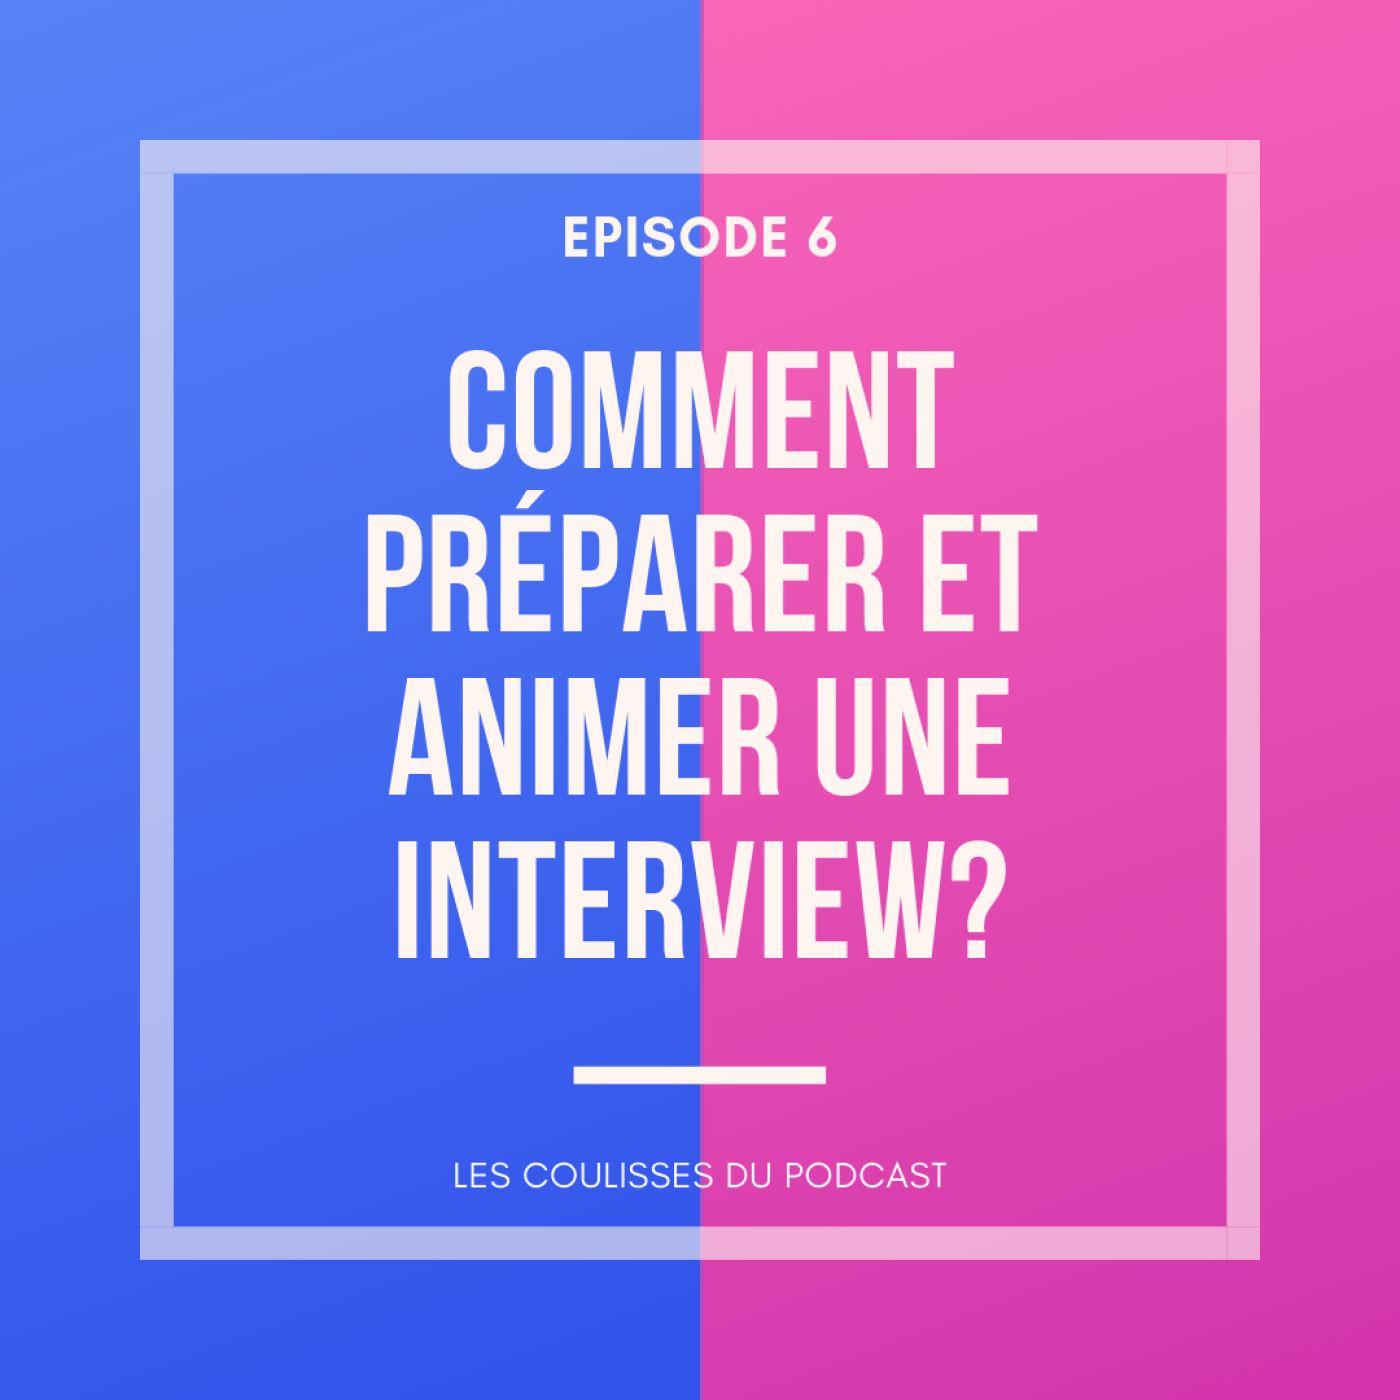 Comment préparer et animer une interview